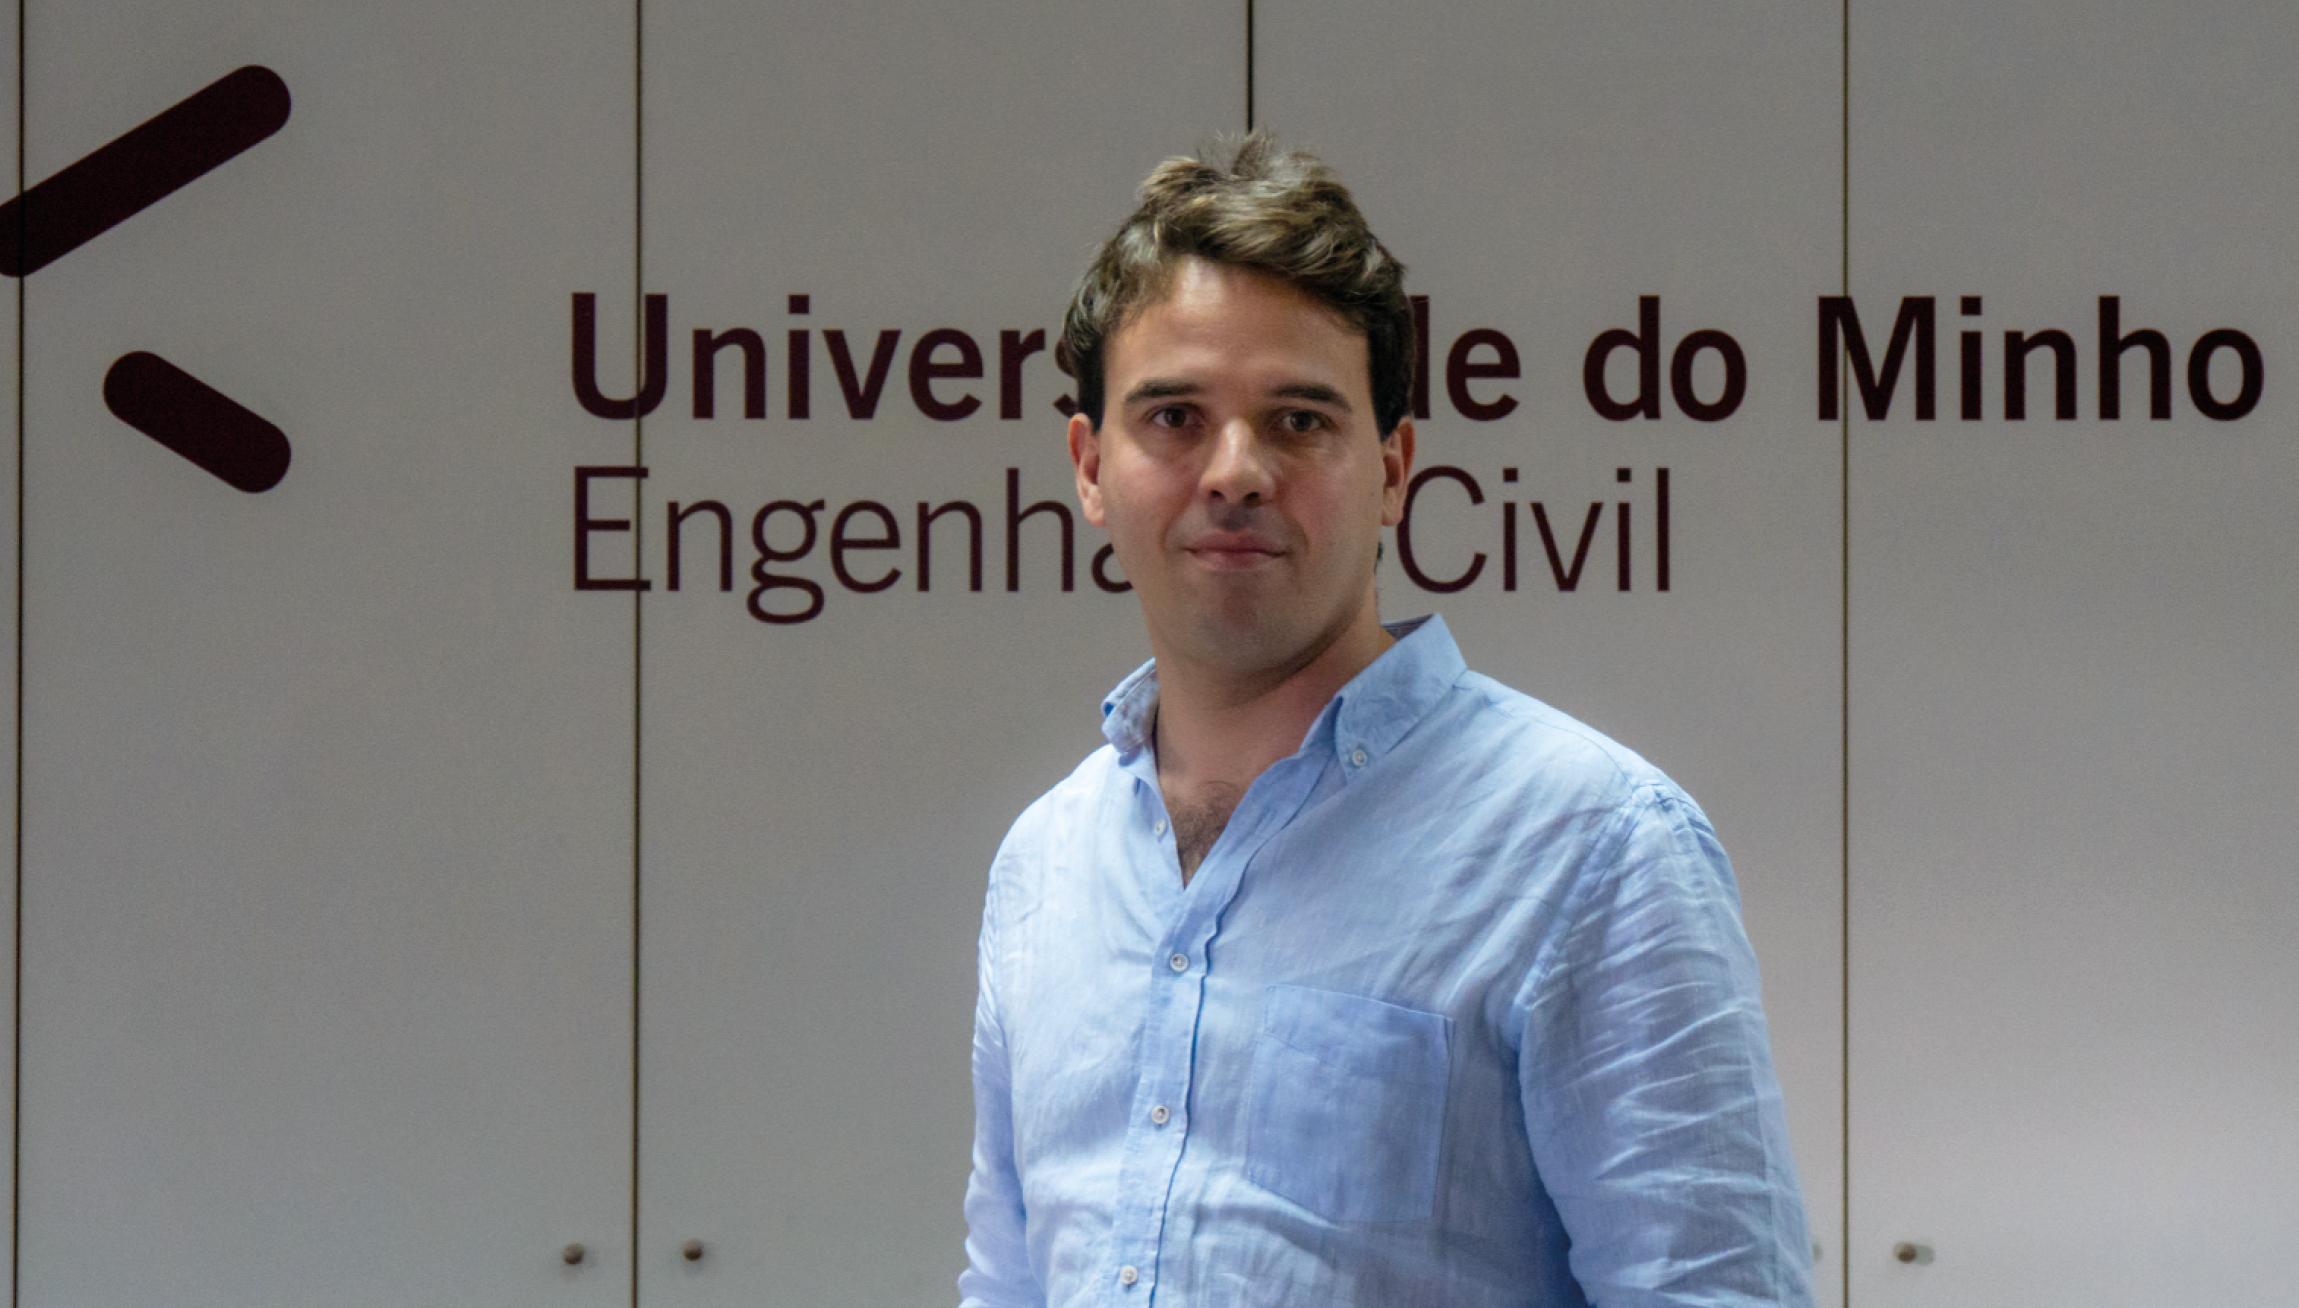 Plataforma Notícias Ordem Engenheiros Região Norte - Engenheiro português preside Confederação Europeia de Jovens Empresários